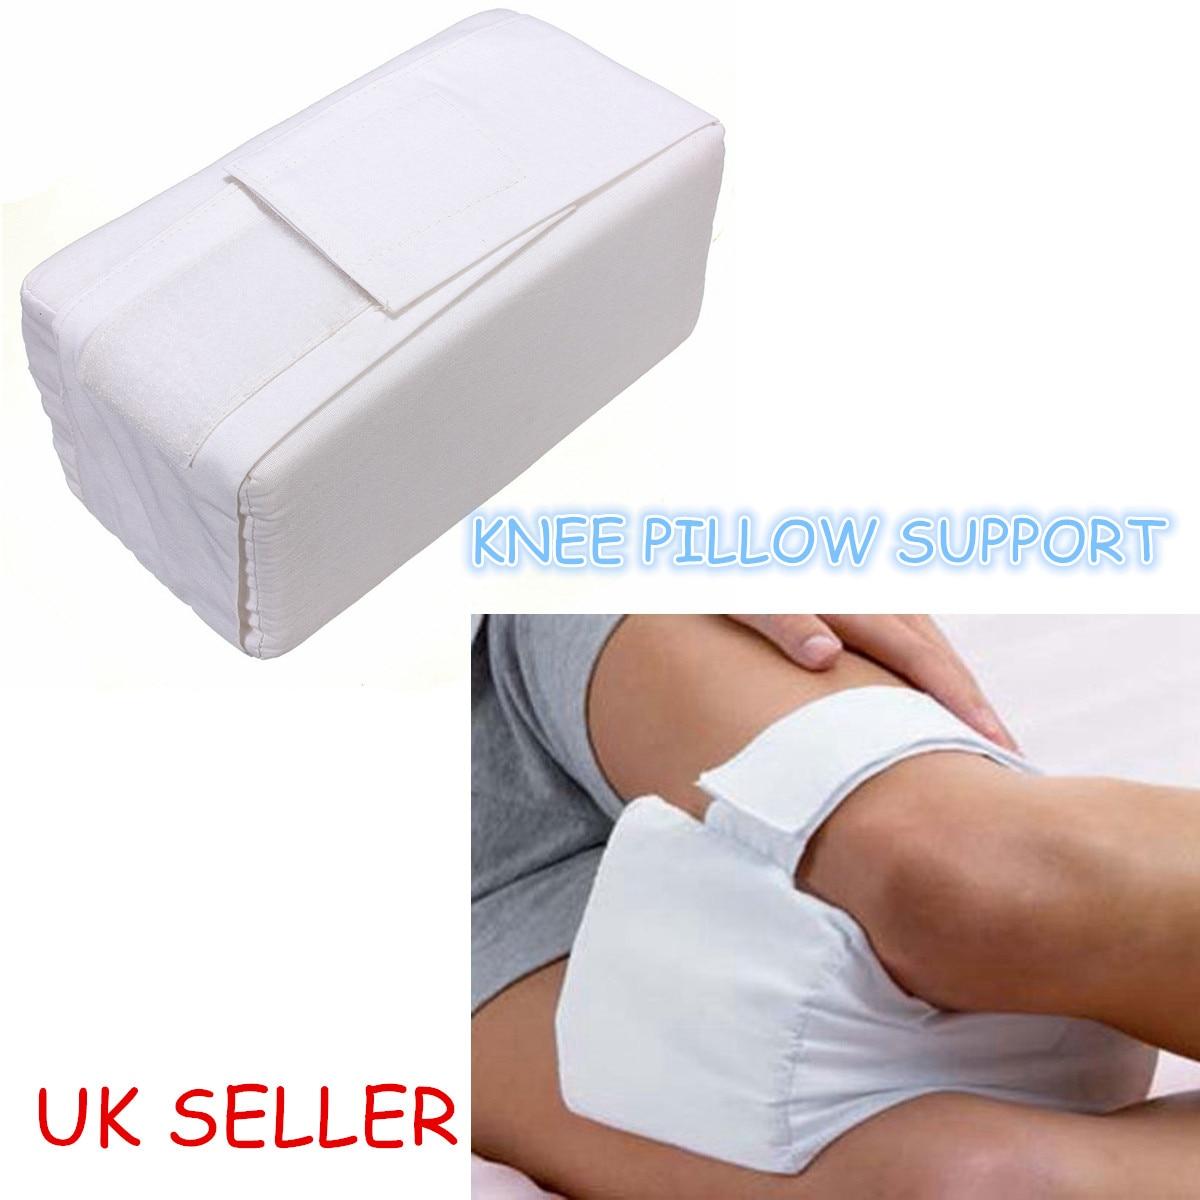 Колено легкость подушки Подушка Комфорт кровать Спящая помощи отдельными задняя нога бол ...